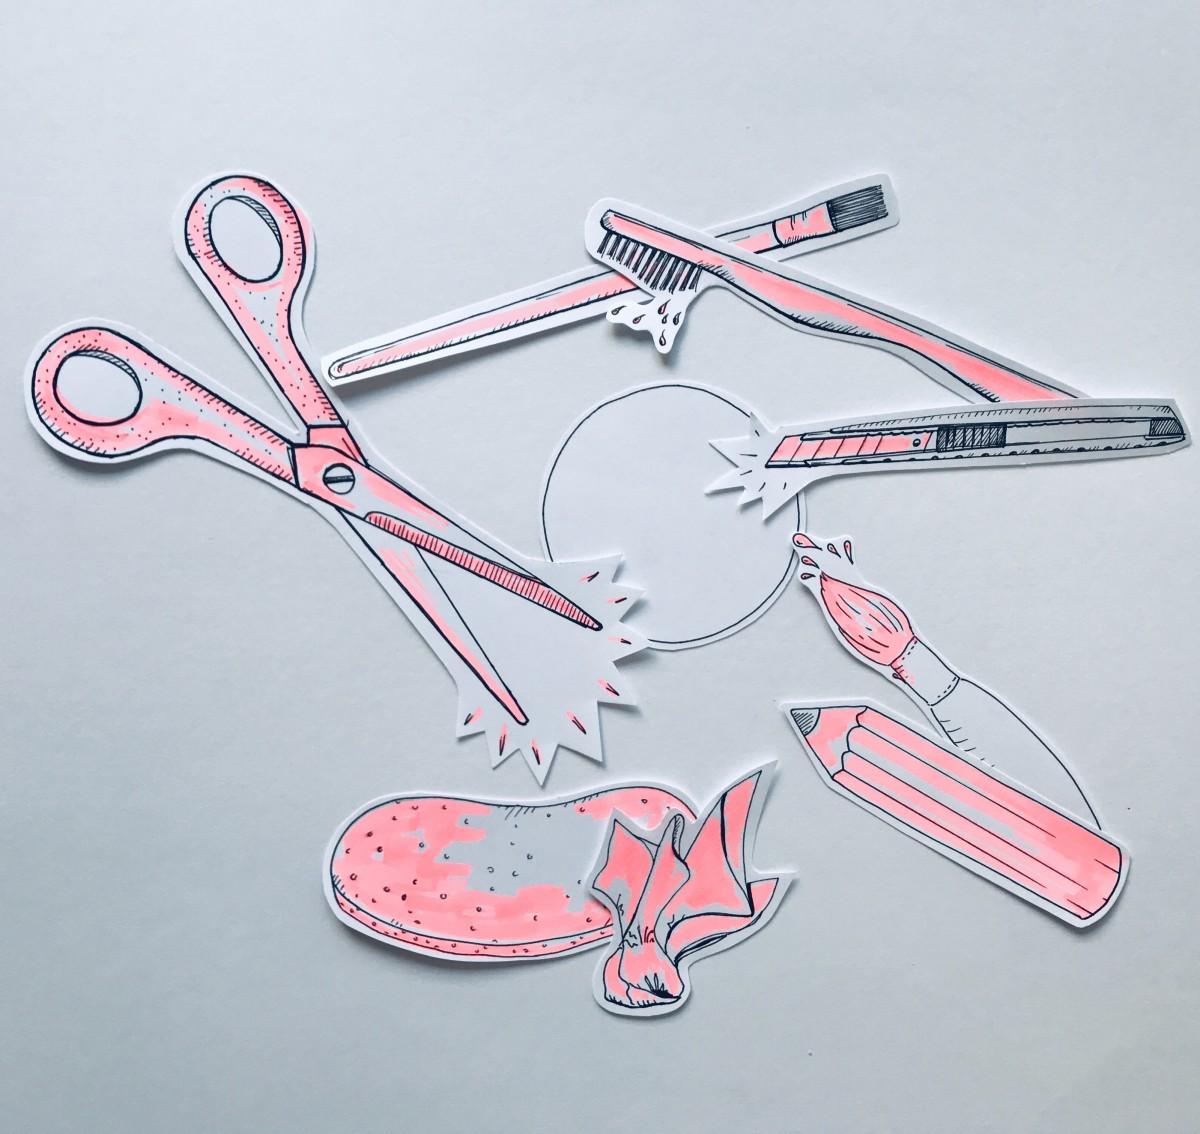 Film-Still, mehrere Ausschnitte von rosa gefärbten Zeichnungen von Objekten auf Papier, darunter eine Schere und ein Stift